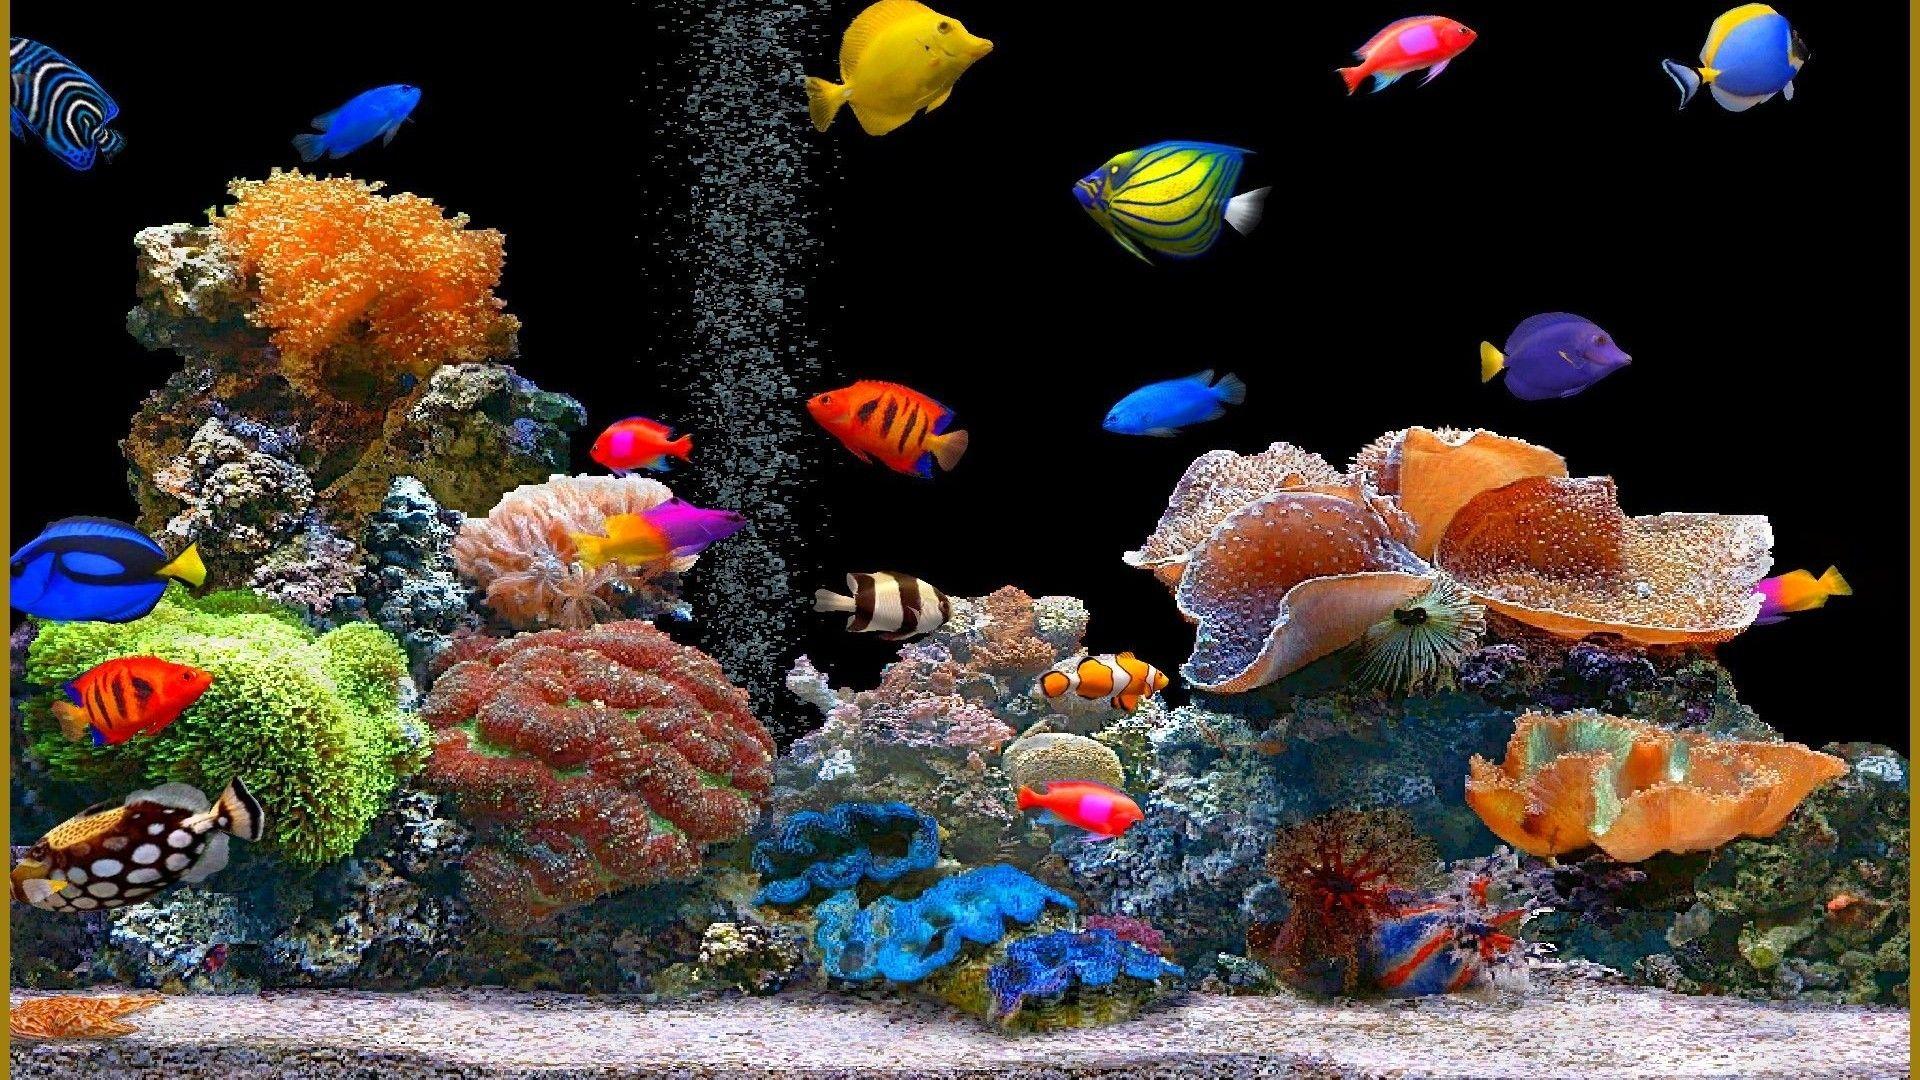 Cartoon Aquarium Wallpapers   Top Cartoon Aquarium 1920x1080